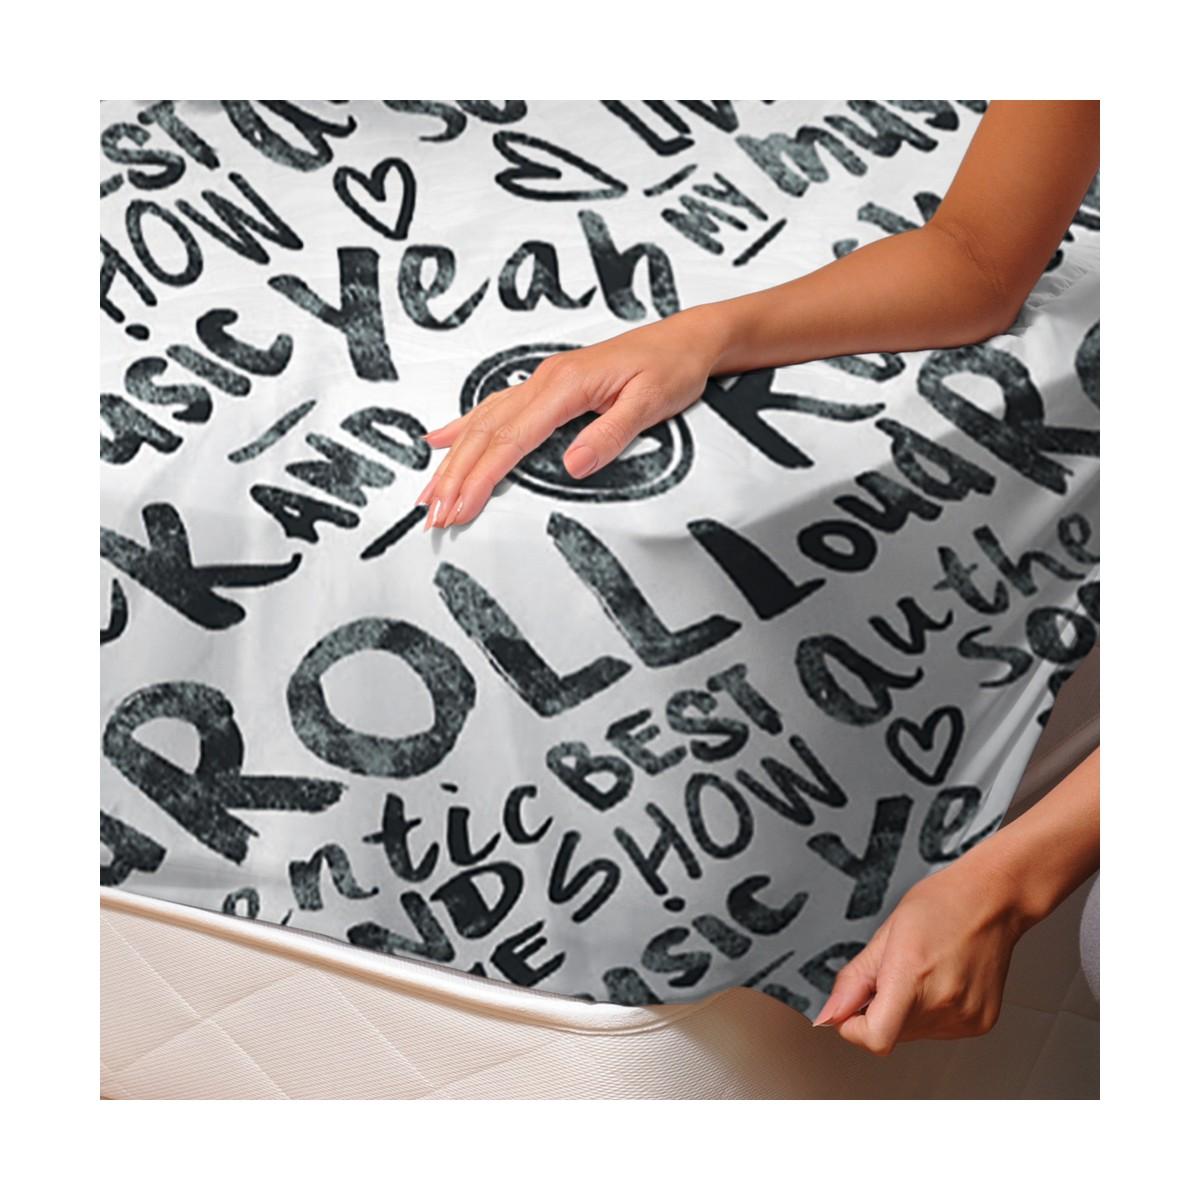 Rock roll drap housse 100 coton linge de lit for Housse de couette rock and roll